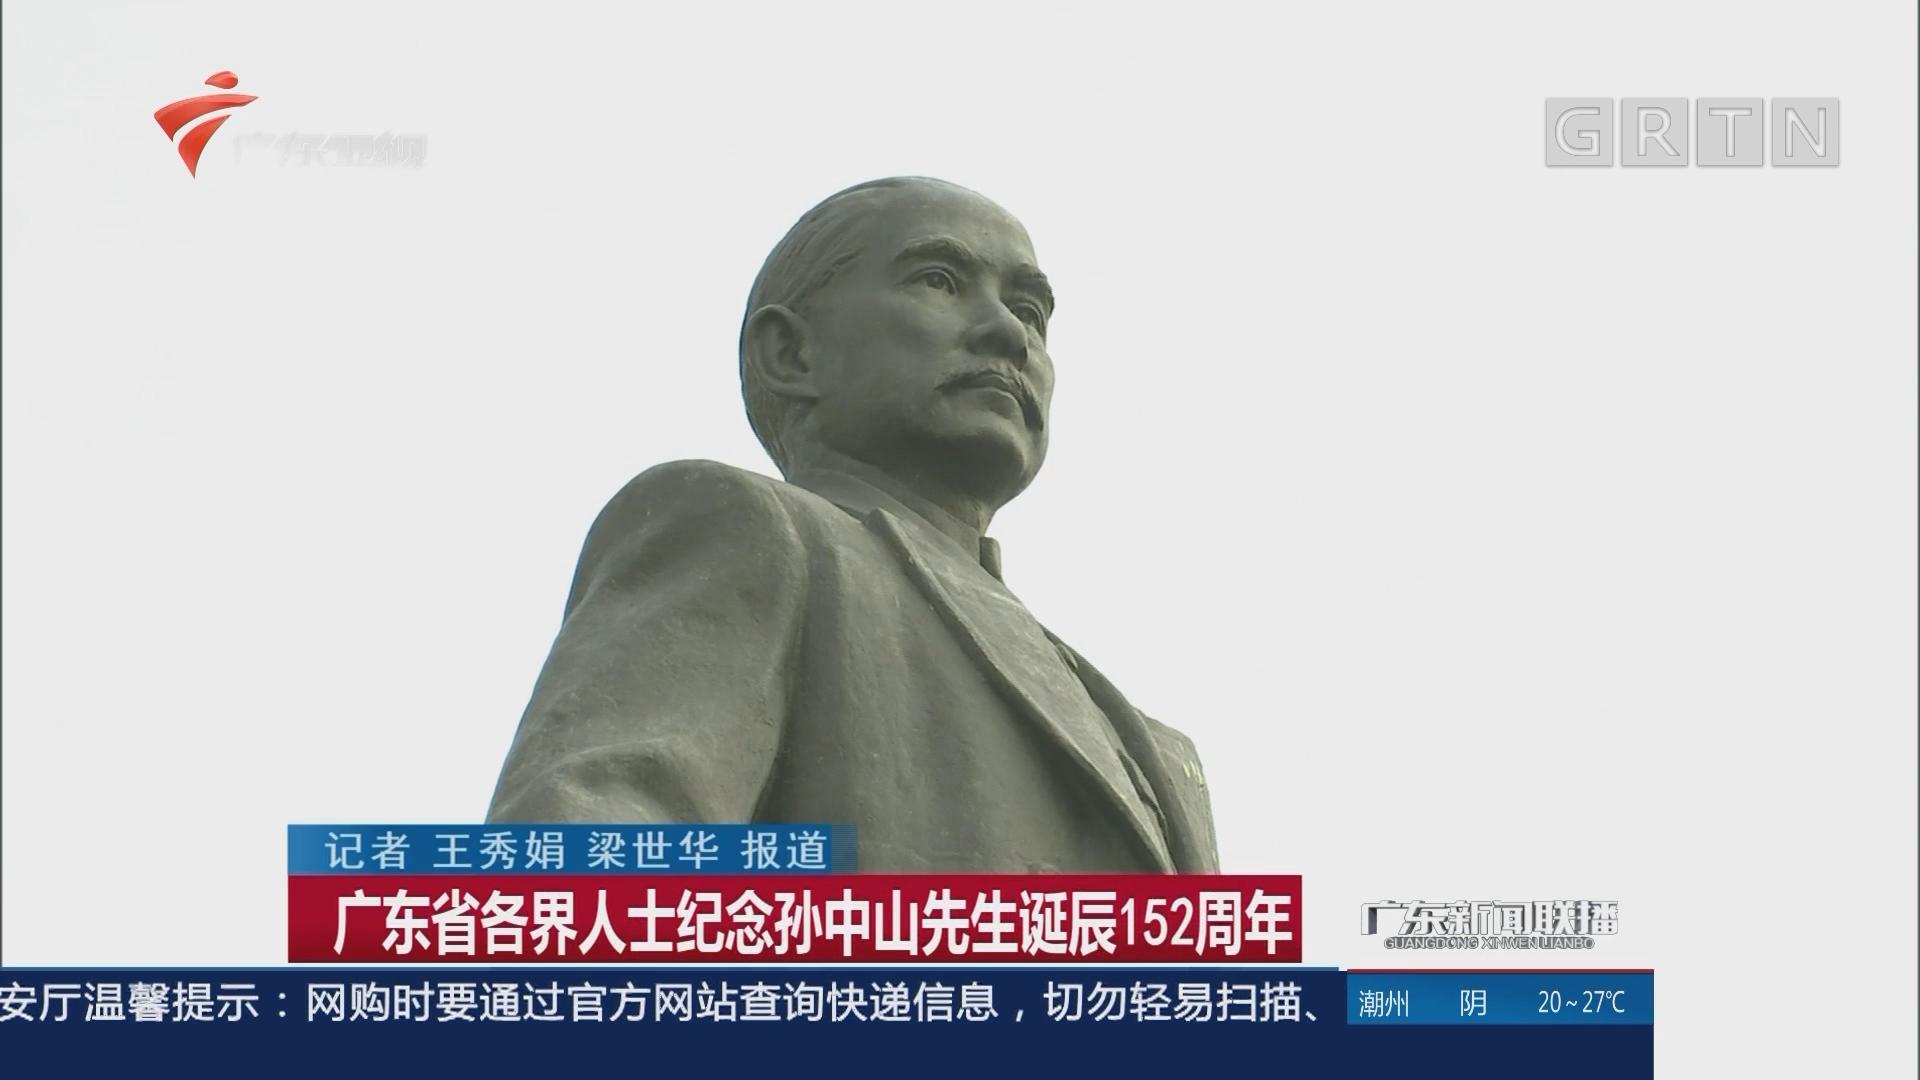 广东省各界人士纪念孙中山先生诞辰152周年